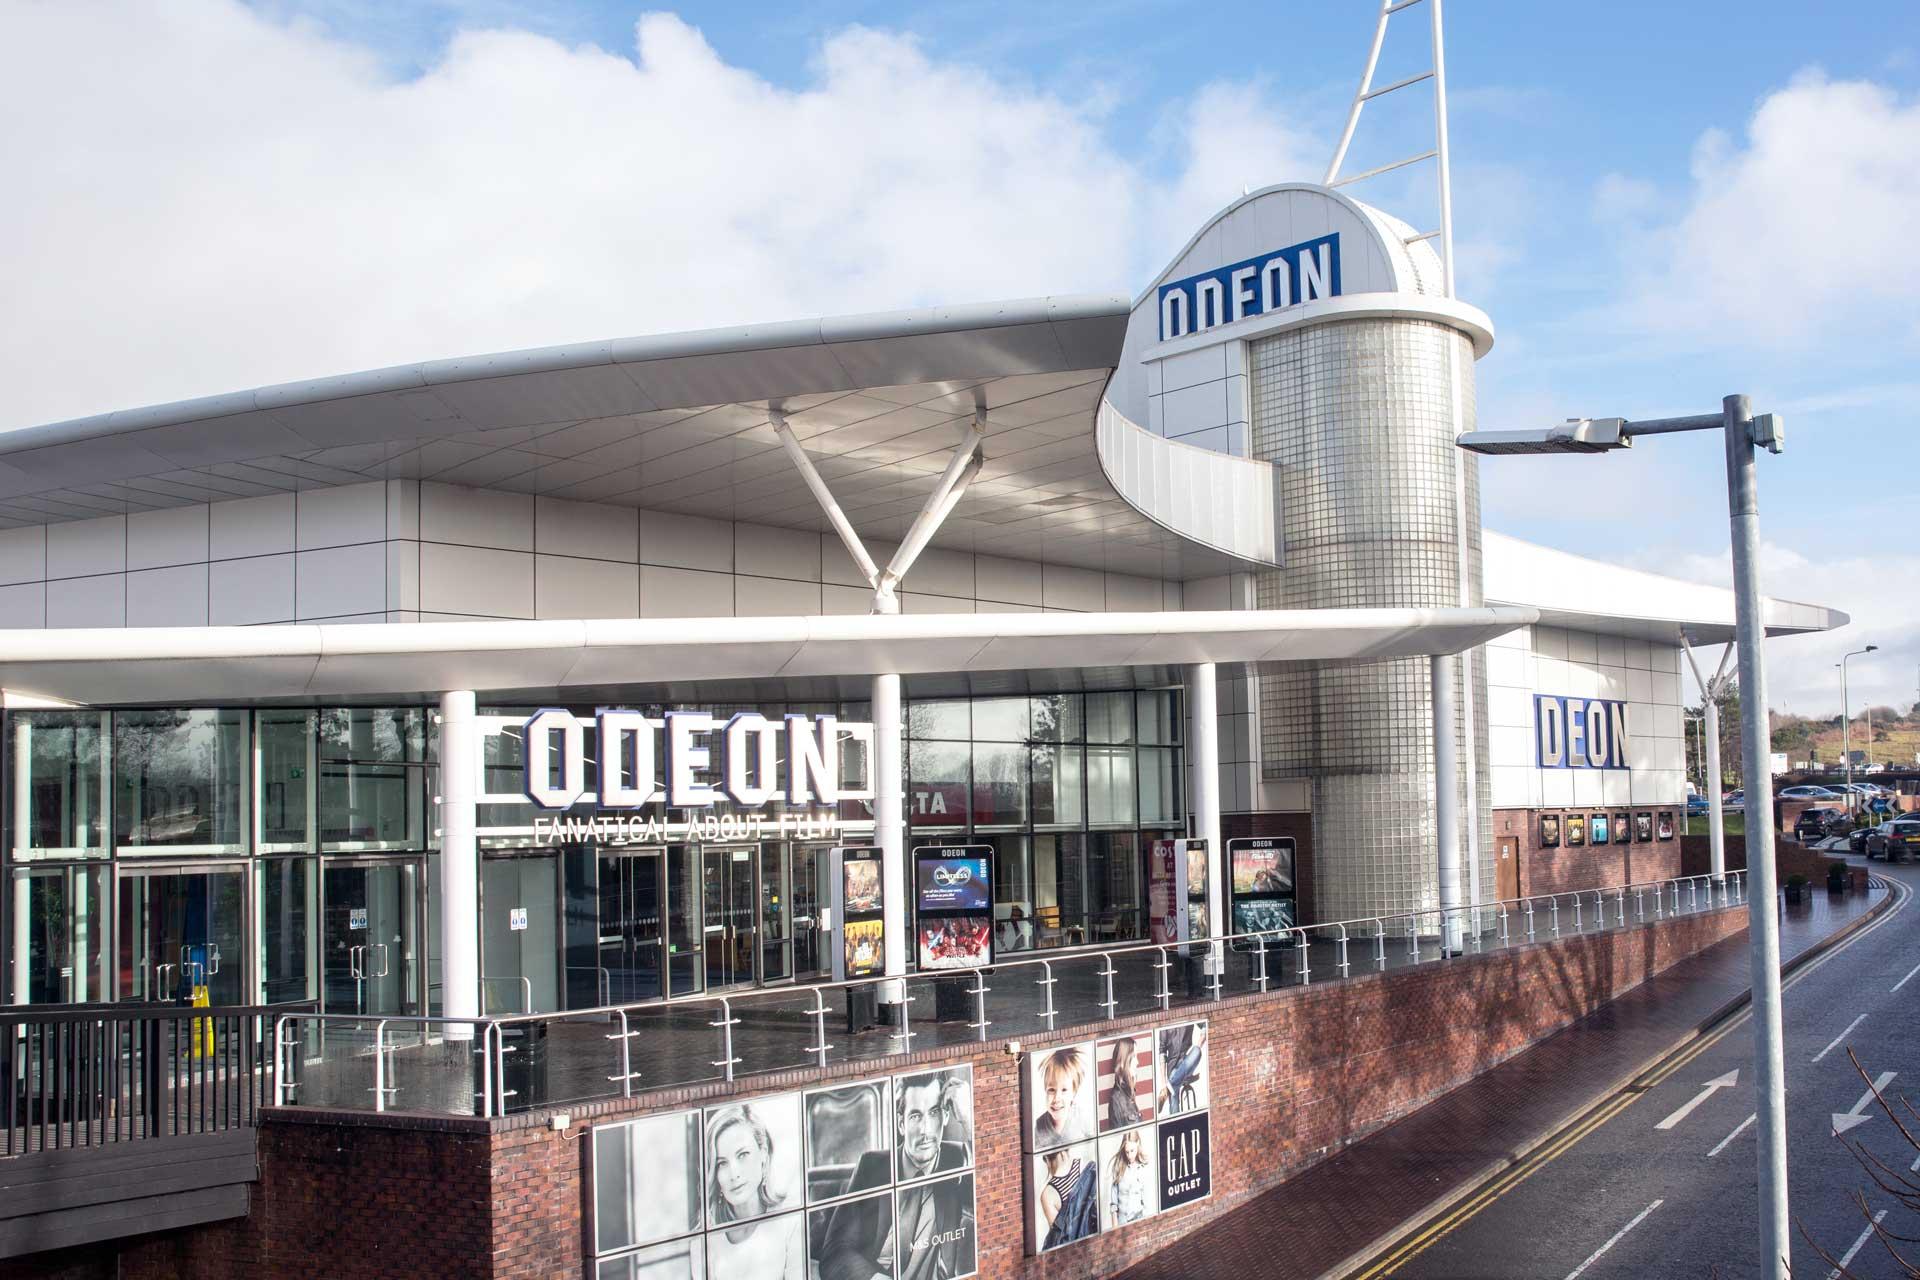 Sinema Odeon yn allfa dylunydd Penybont